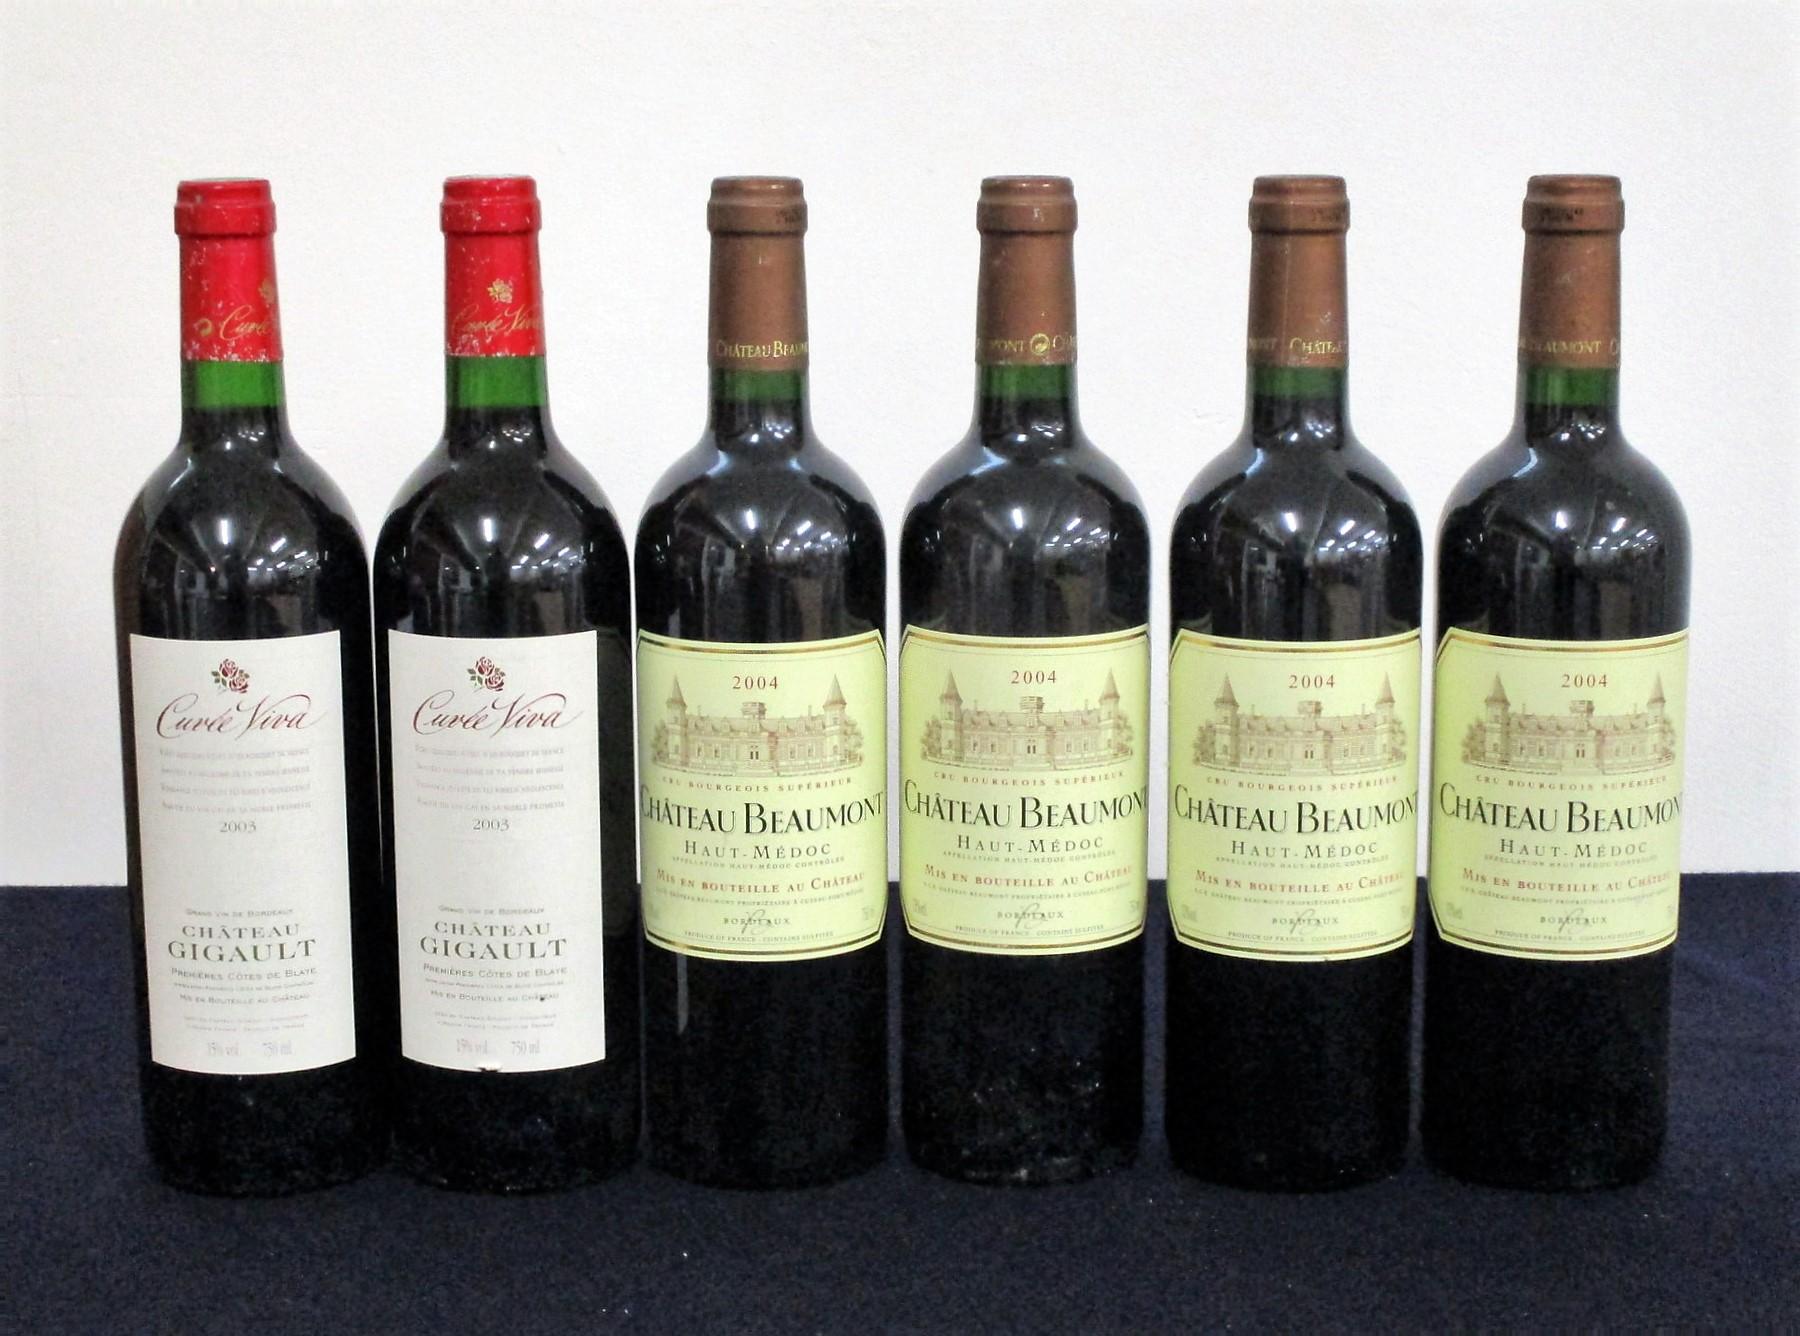 2 bts Ch. Gigault Cuvée Viva 2003 1er Côtes de Blaye i.n, foils sl worn 4 bts Ch. Beaumont 2004